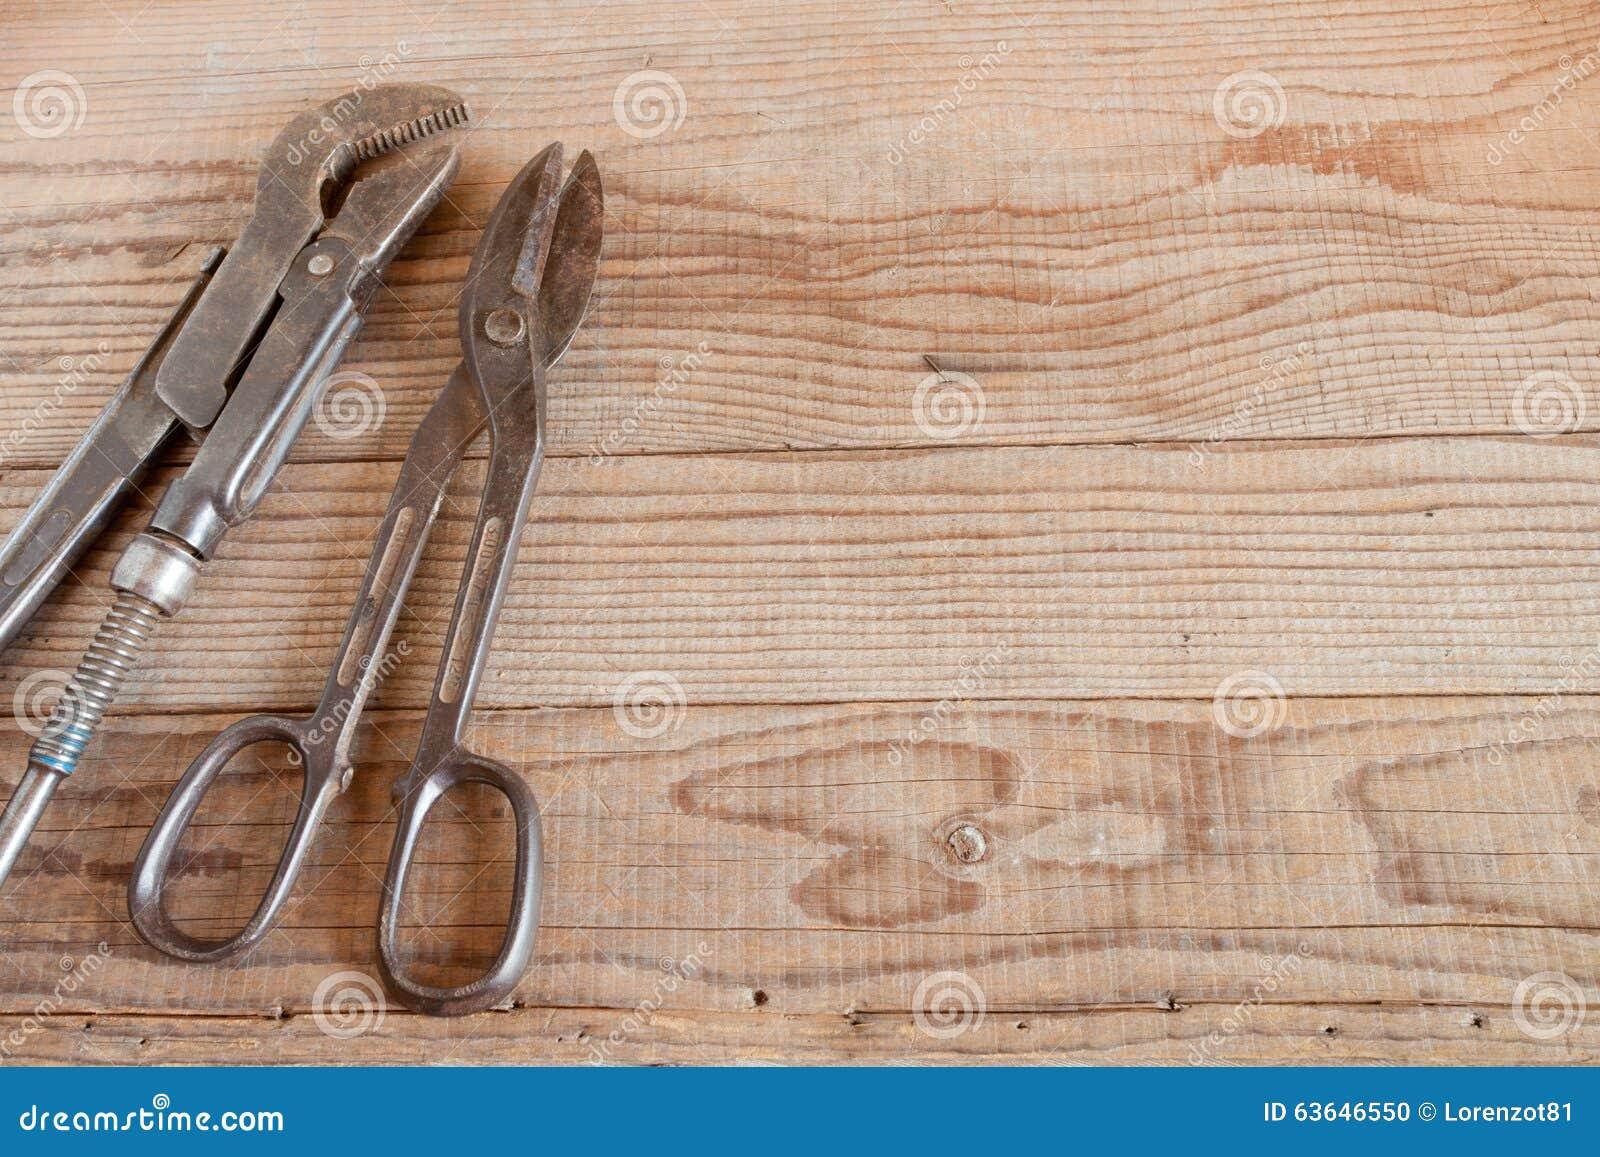 Herramienta del carpintero en fondo de madera foto de - Carpintero de madera ...